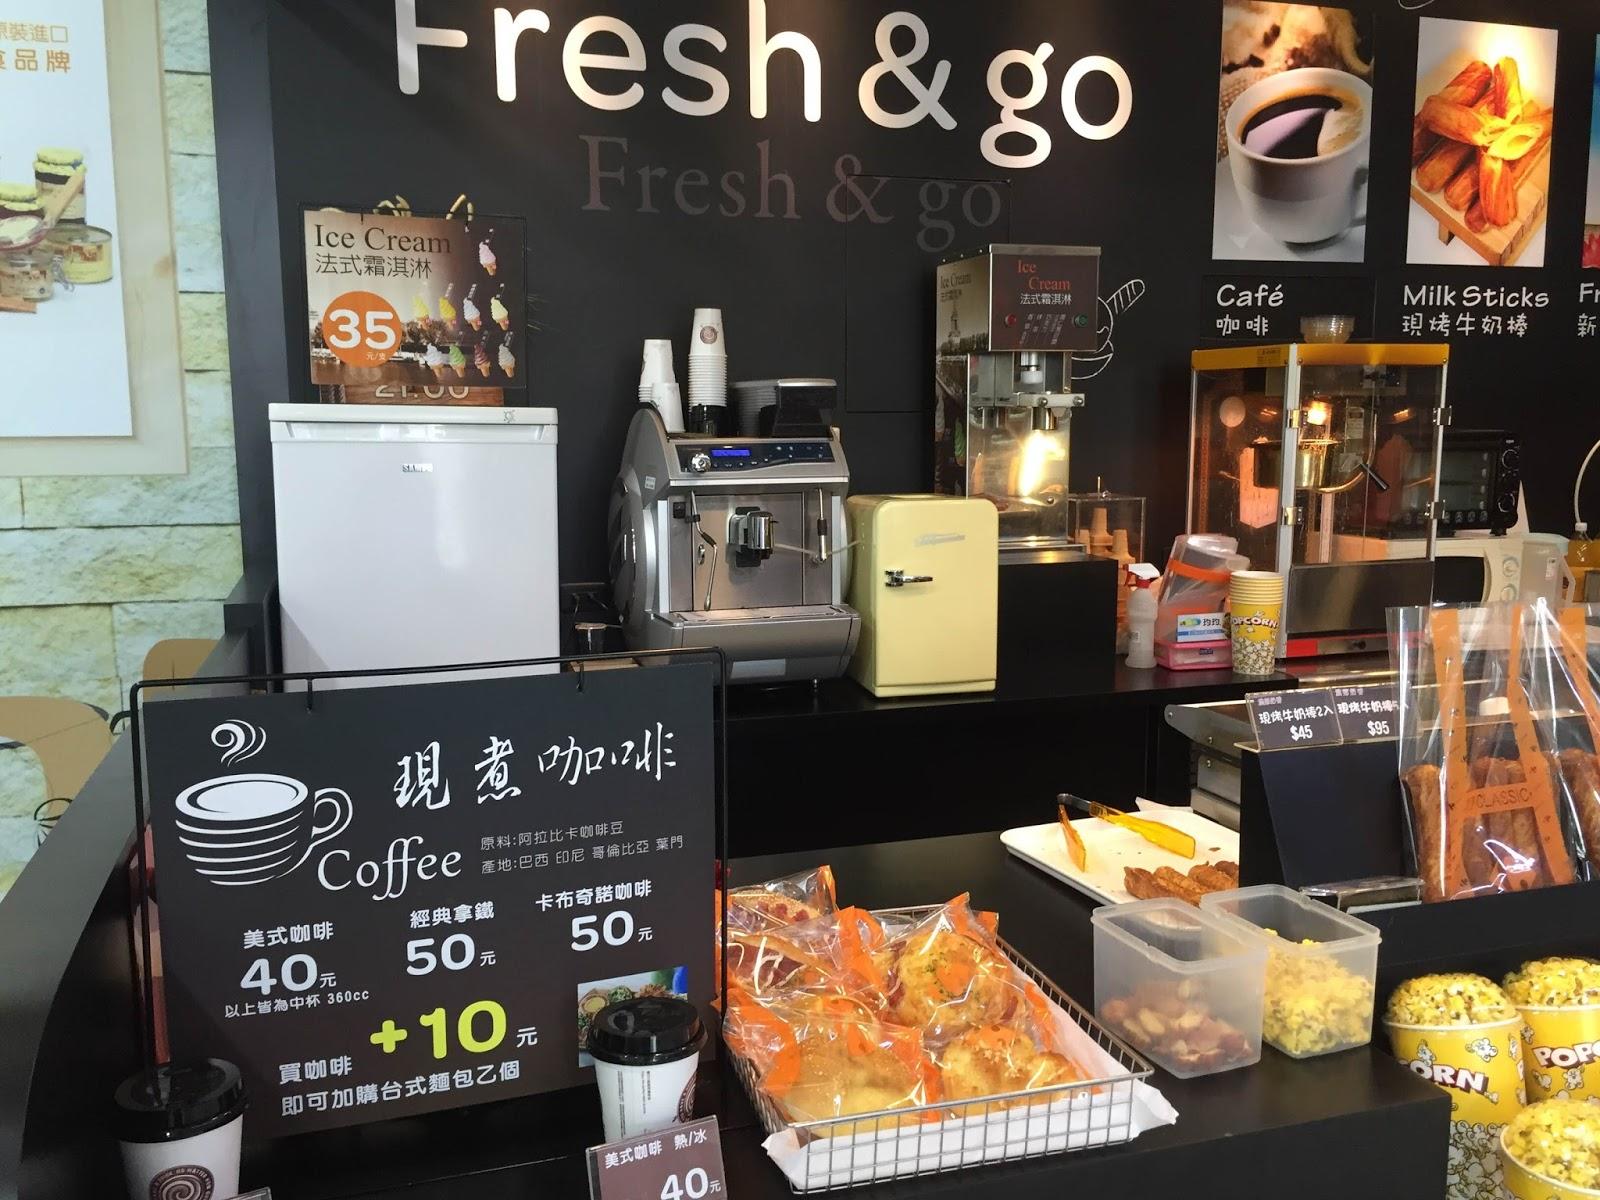 Saeco 咖啡機租賃 咖啡機維護保養及咖啡機相關等服務: 感謝